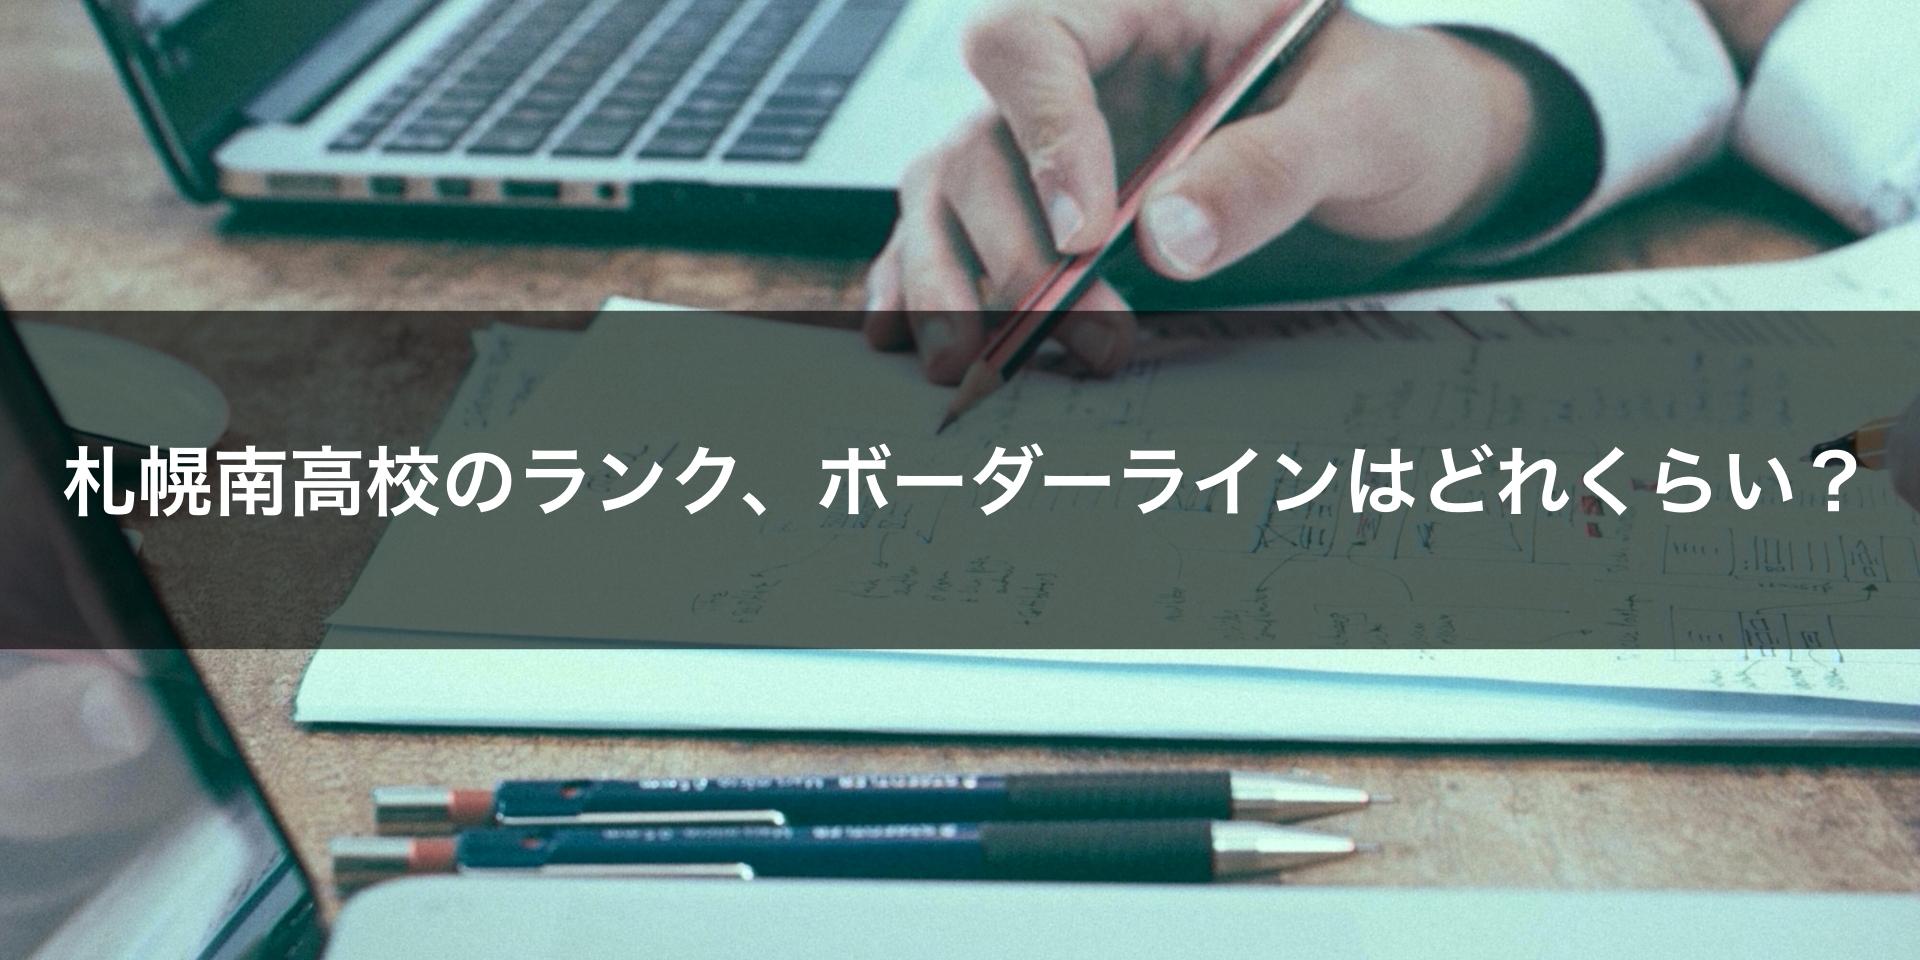 札幌南高校のランク、ボーダーラインはどれくらい?